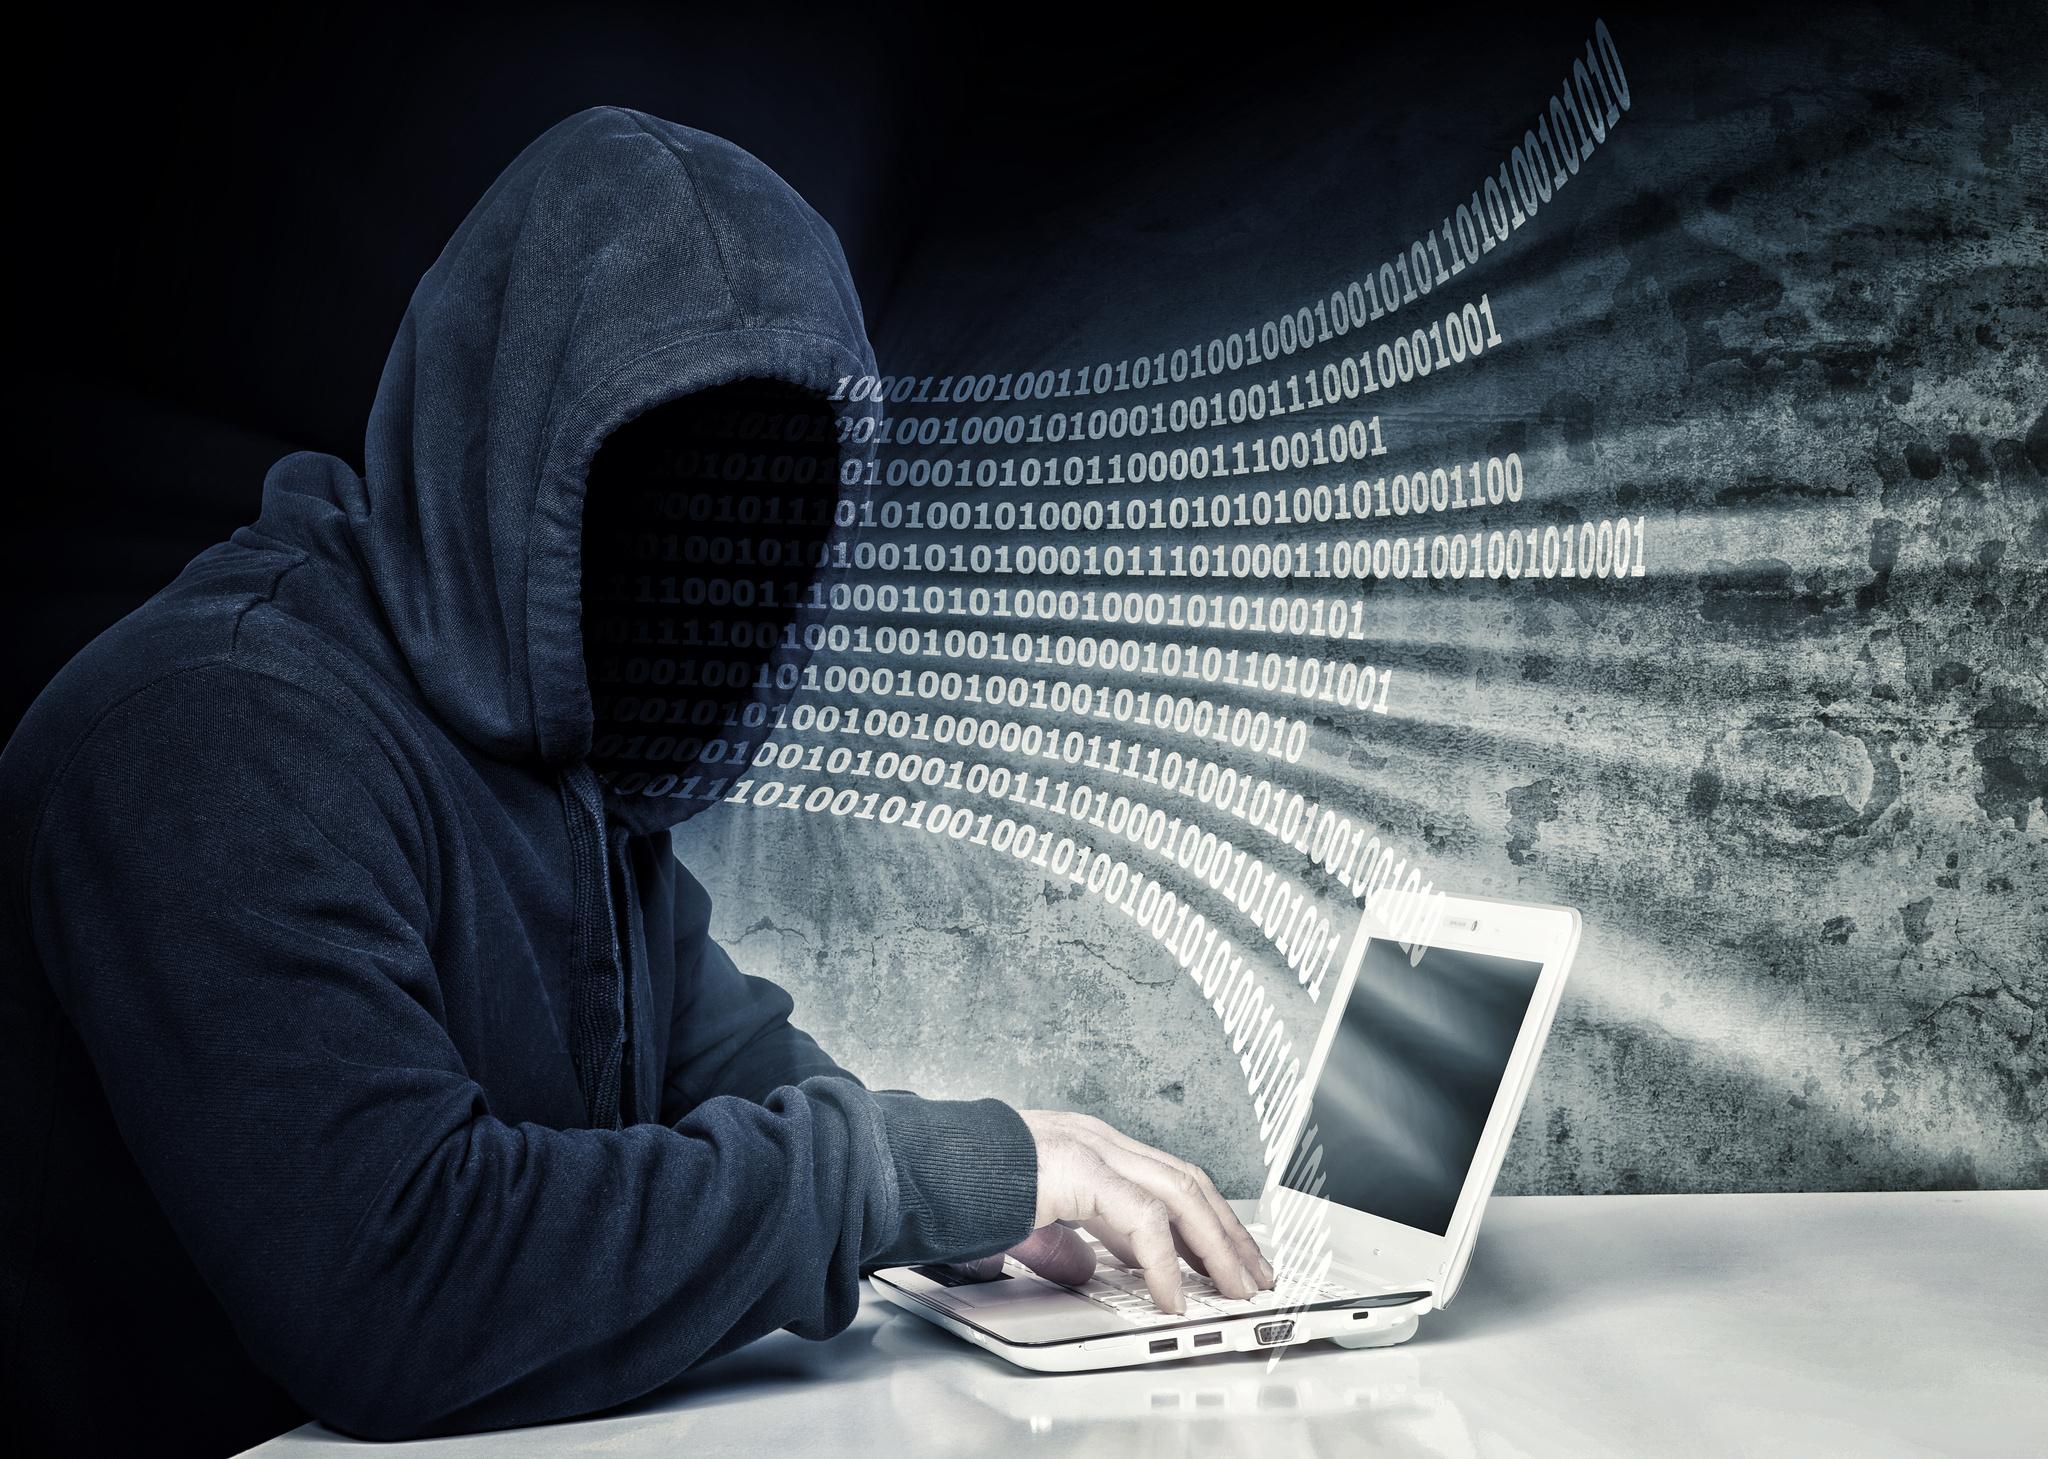 Как уберечь мобильный телефон от взлома и хакеров